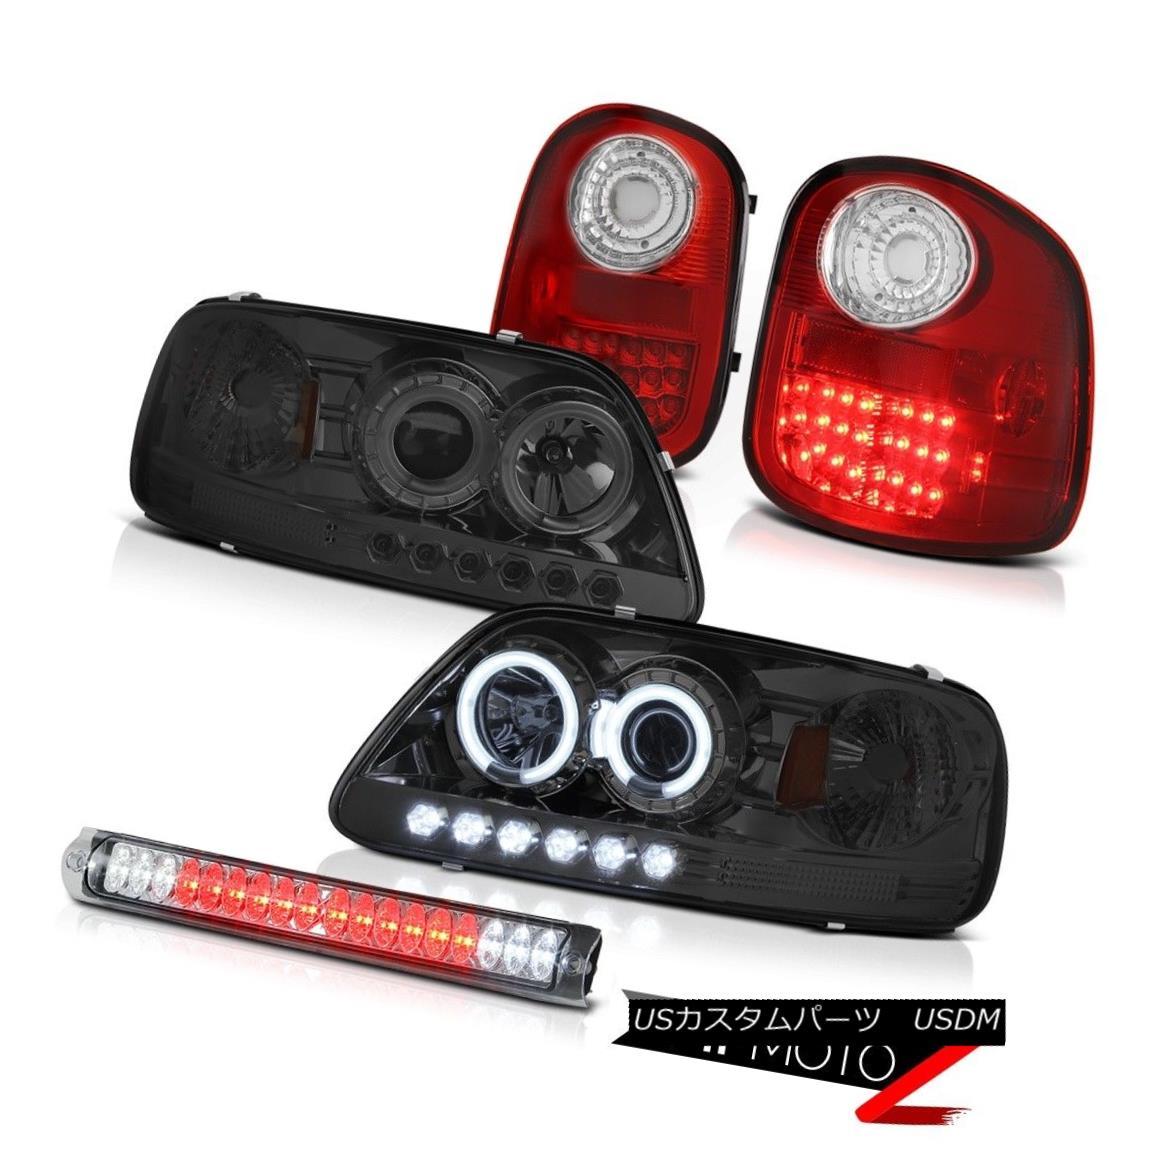 テールライト 97-03 F150 Flareside 4.2L CCFL Headlights Red Brake LED Tail Lights Chrome 3rd 97-03 F150フラレイド4.2L CCFLヘッドライトレッドブレーキLEDテールライトクローム3rd